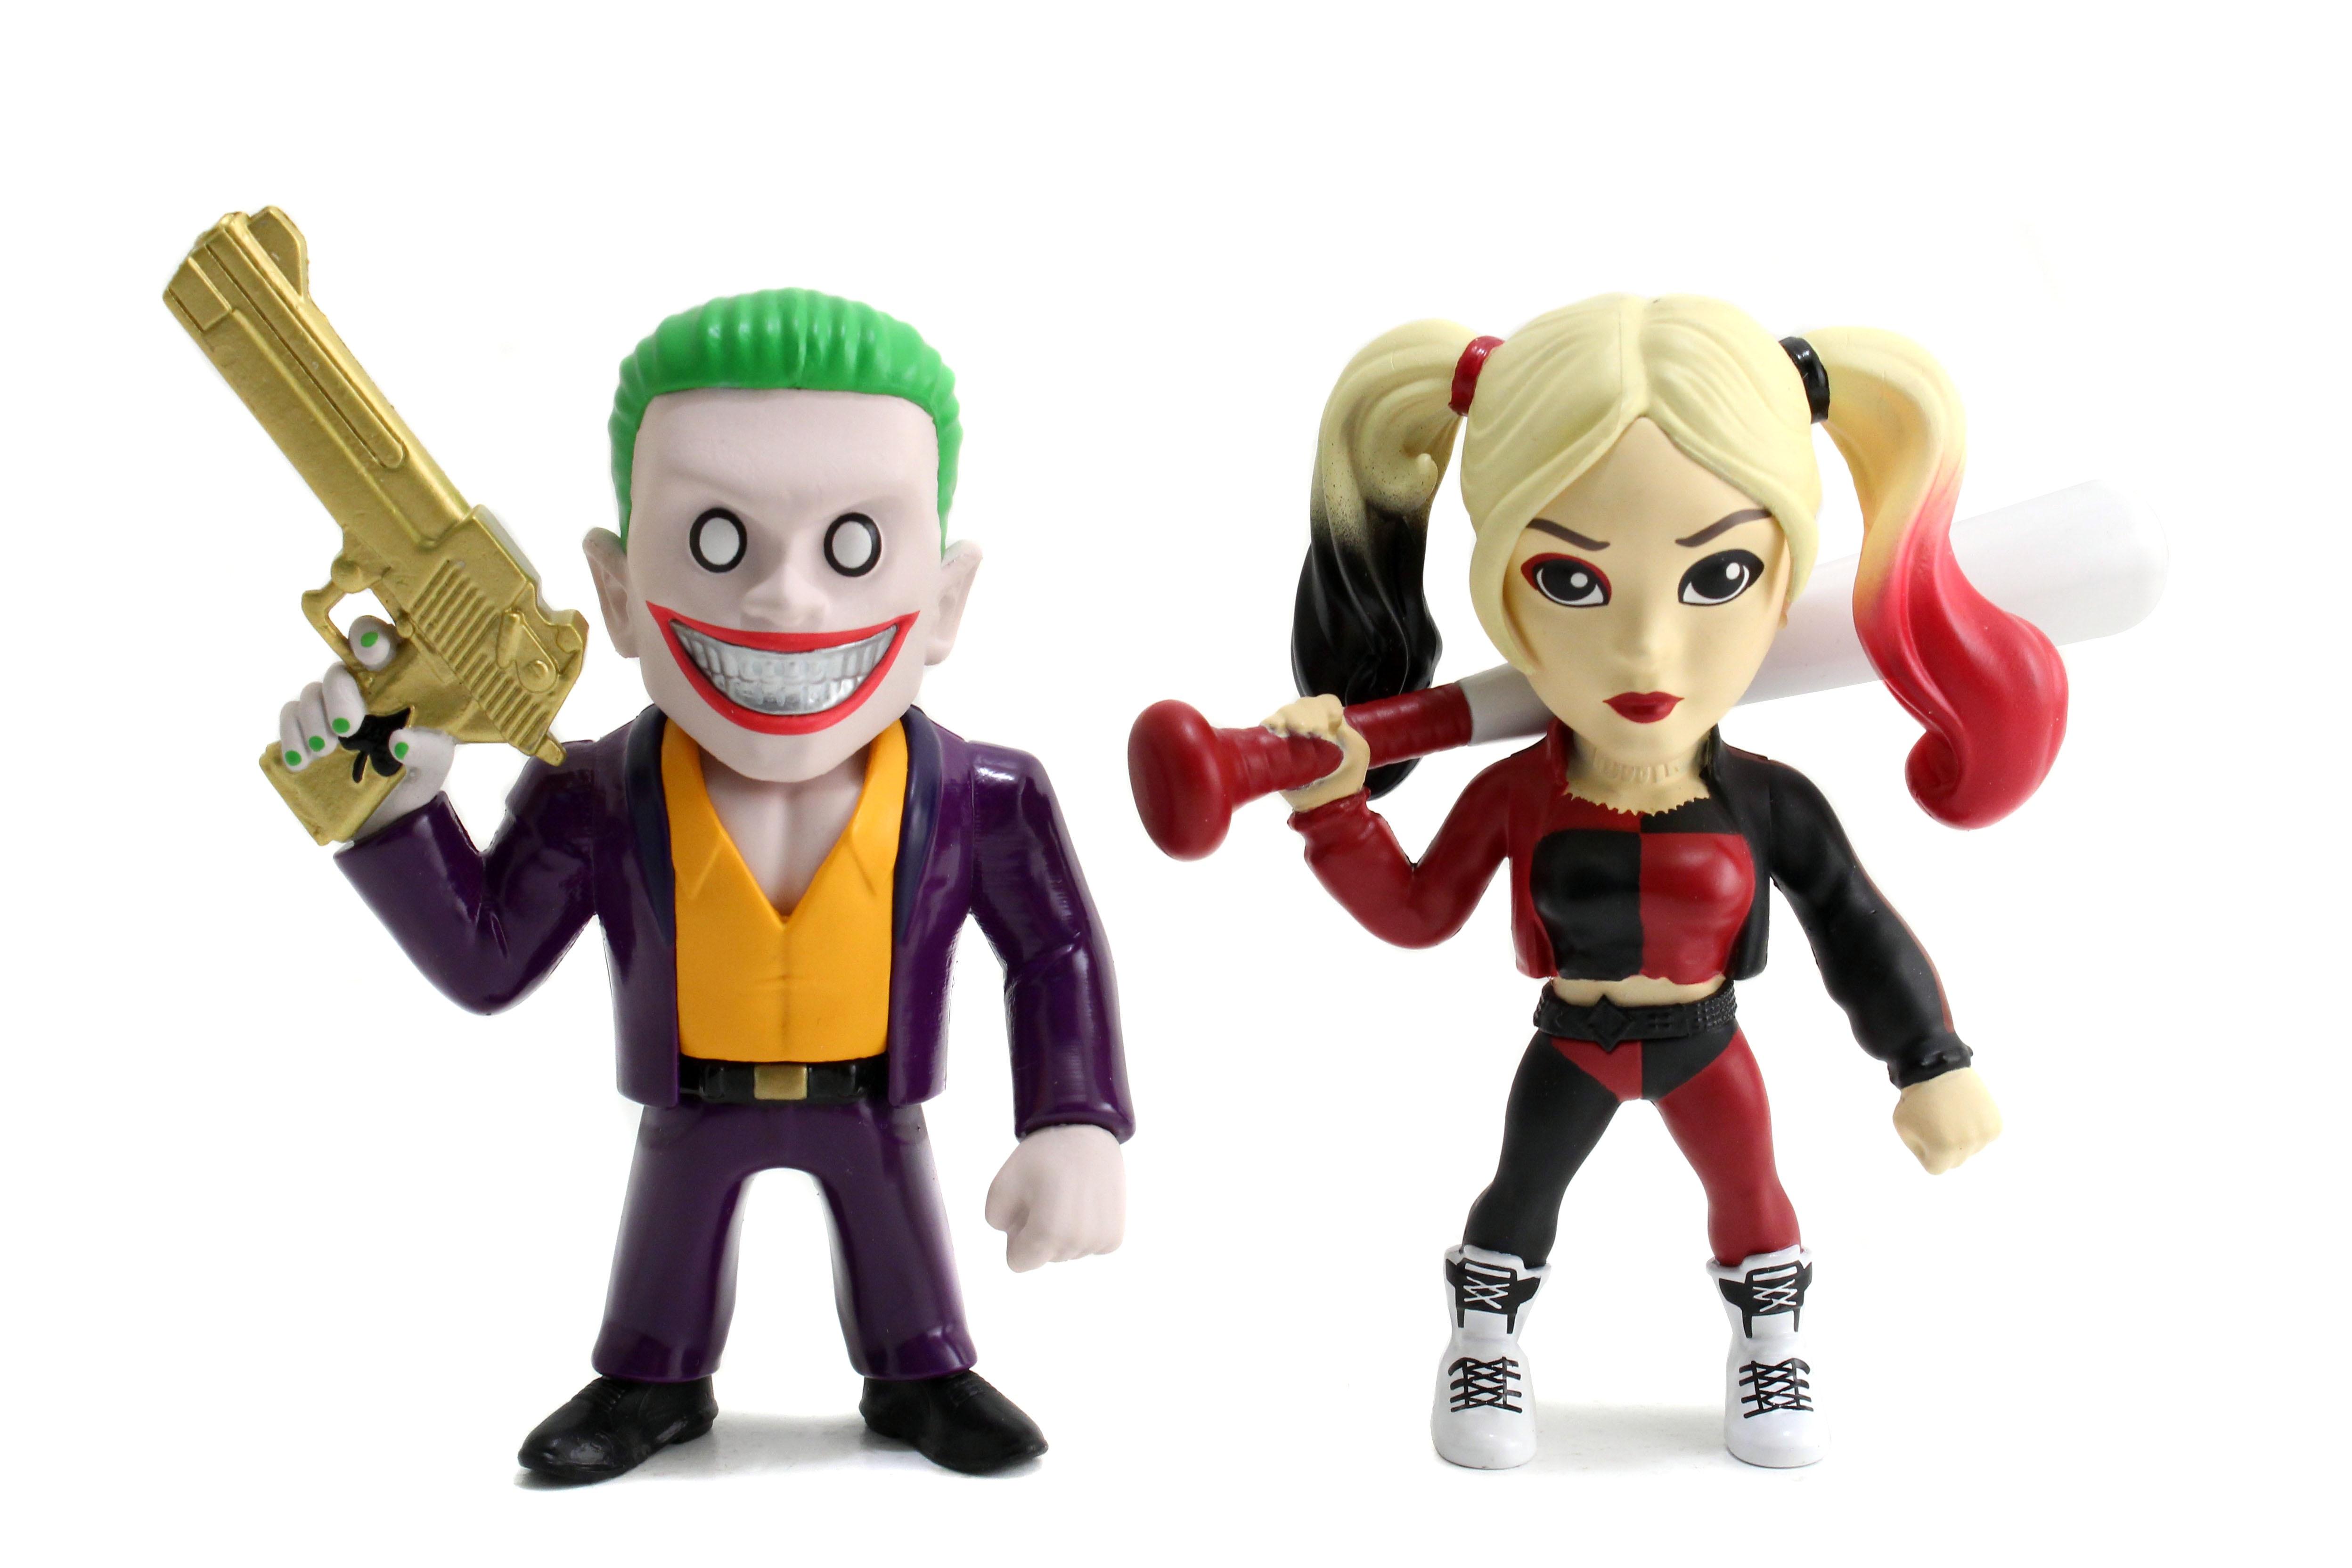 Набор коллекционных металлических фигурок DC Comics: Джокер и Харли Квинн – Отряд Самоубийц – Suicide Squad Joker Boss и Harley Quinn (10 см)Представляем вашему вниманию набор металлических фигурок Джокер и Харли Квинн Отряд Самоубийц Suicide Squad Joker Boss и Harley Quinn, созданный по мотивам супергеройского боевика режиссёра Дэвида Эйера, который является экранизацией одноимённых комиксов издательства DC Comics.<br>